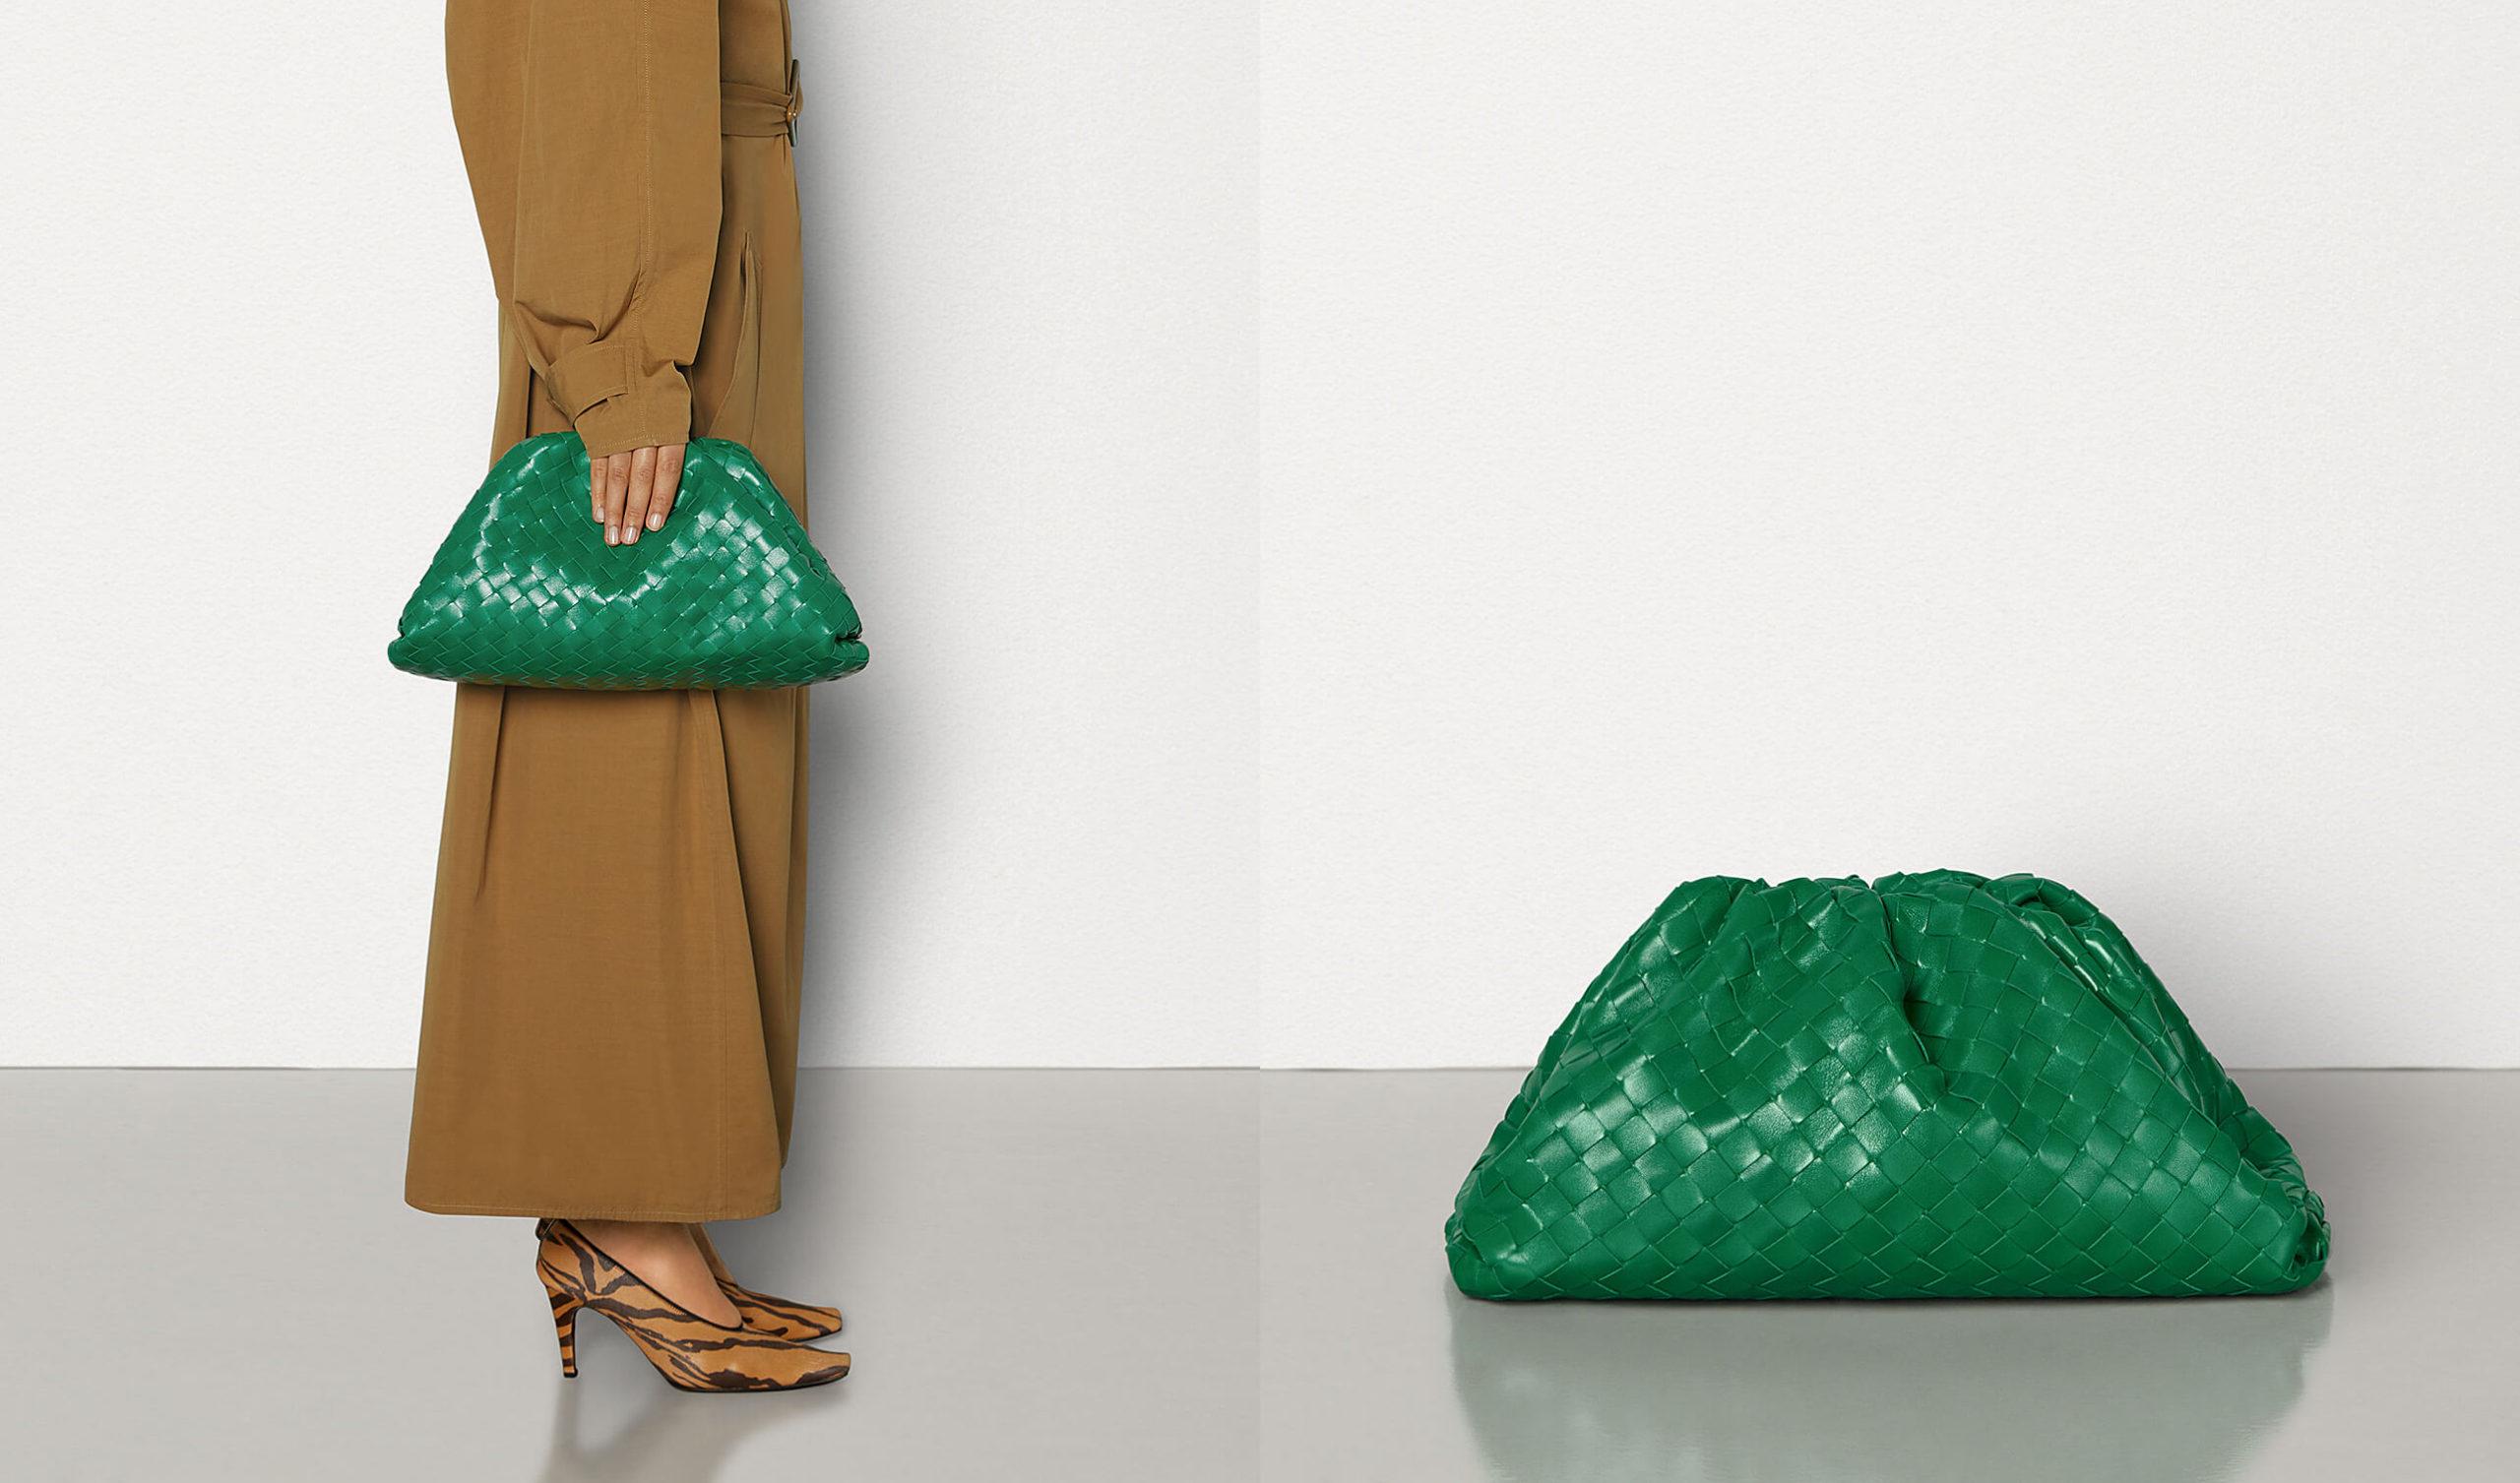 bottega veneta pouch Intrecciato woven leather in green